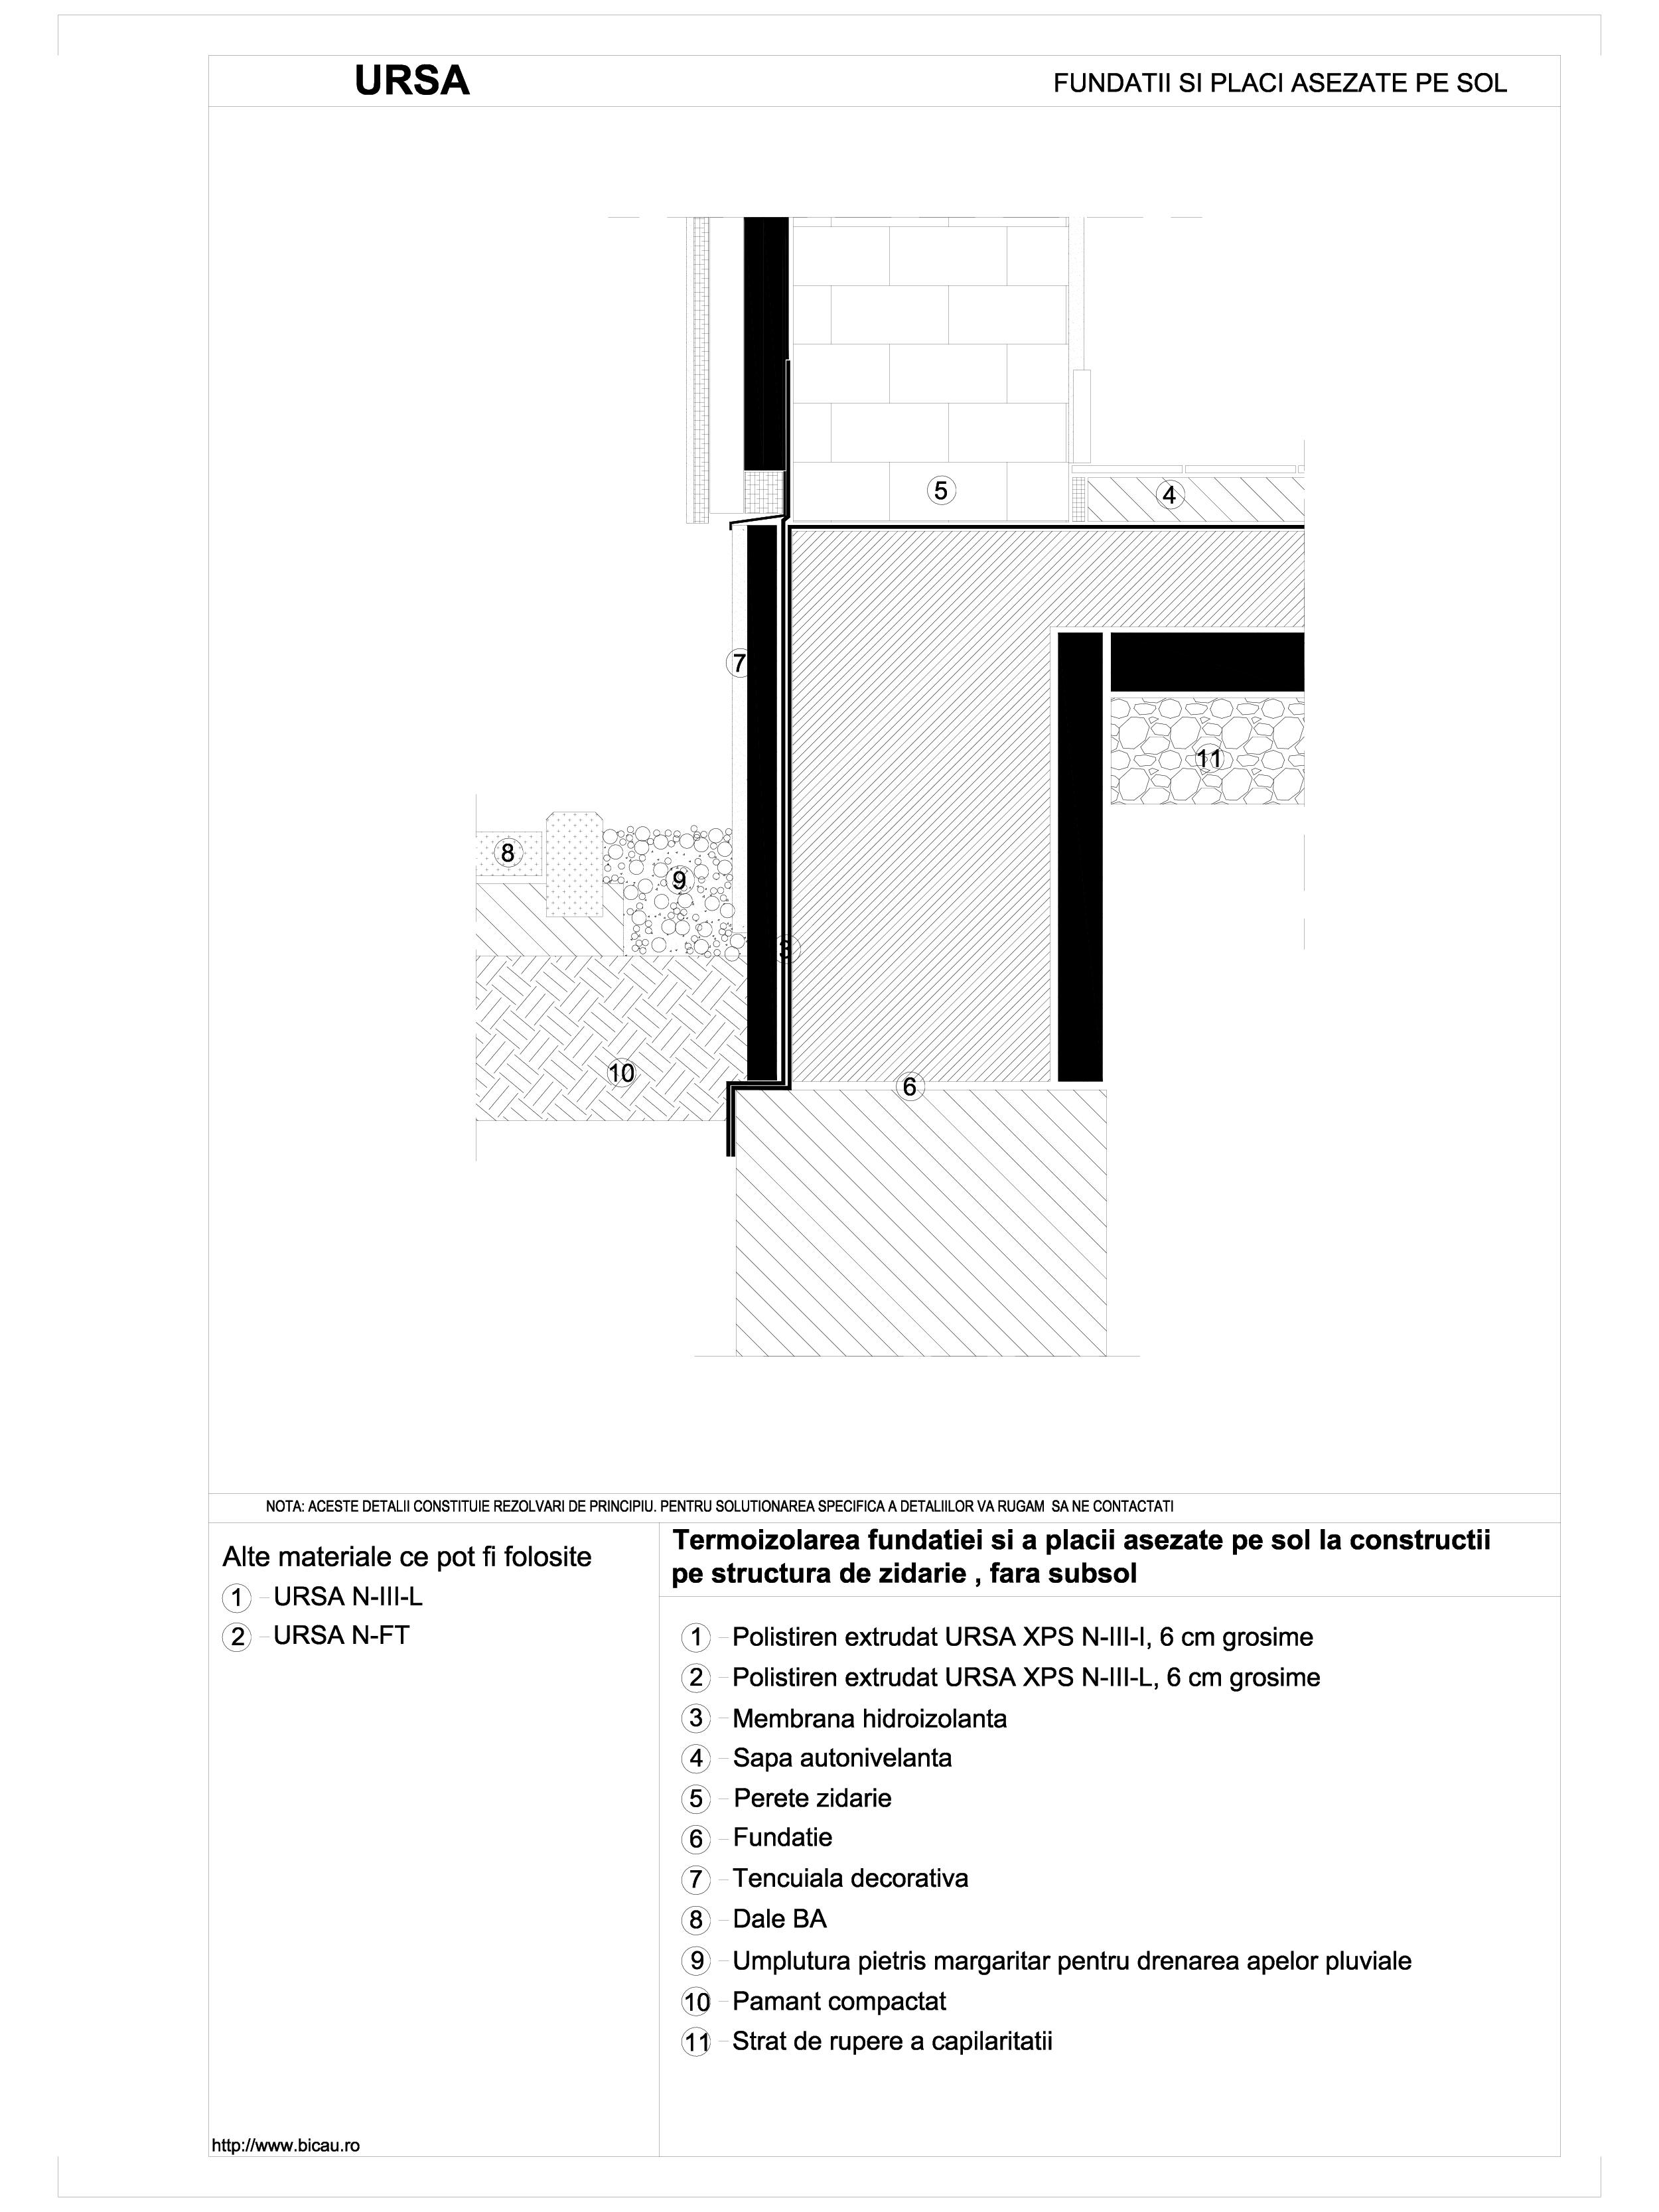 Termoizolarea fundatiei si a placii asezate pe sol la constructii pe structura de zidarie, fara subsol URSA Vata minerala de sticla pentru fatade ventilate URSA ROMANIA   - Pagina 1